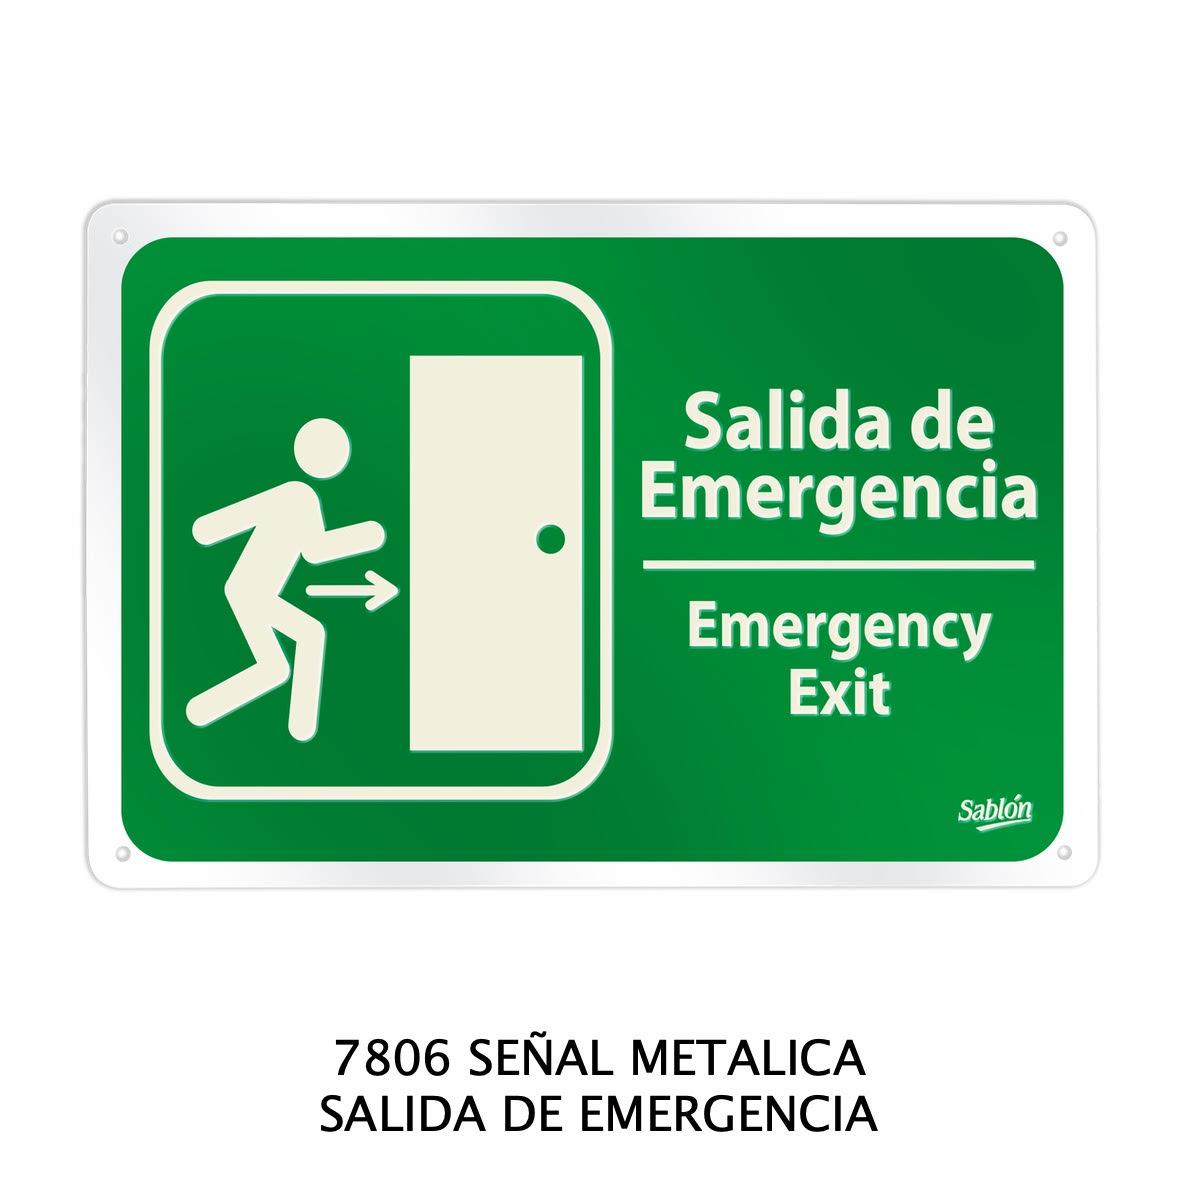 Señal metálica de salida de emergencia modelo 7806 de Sablón